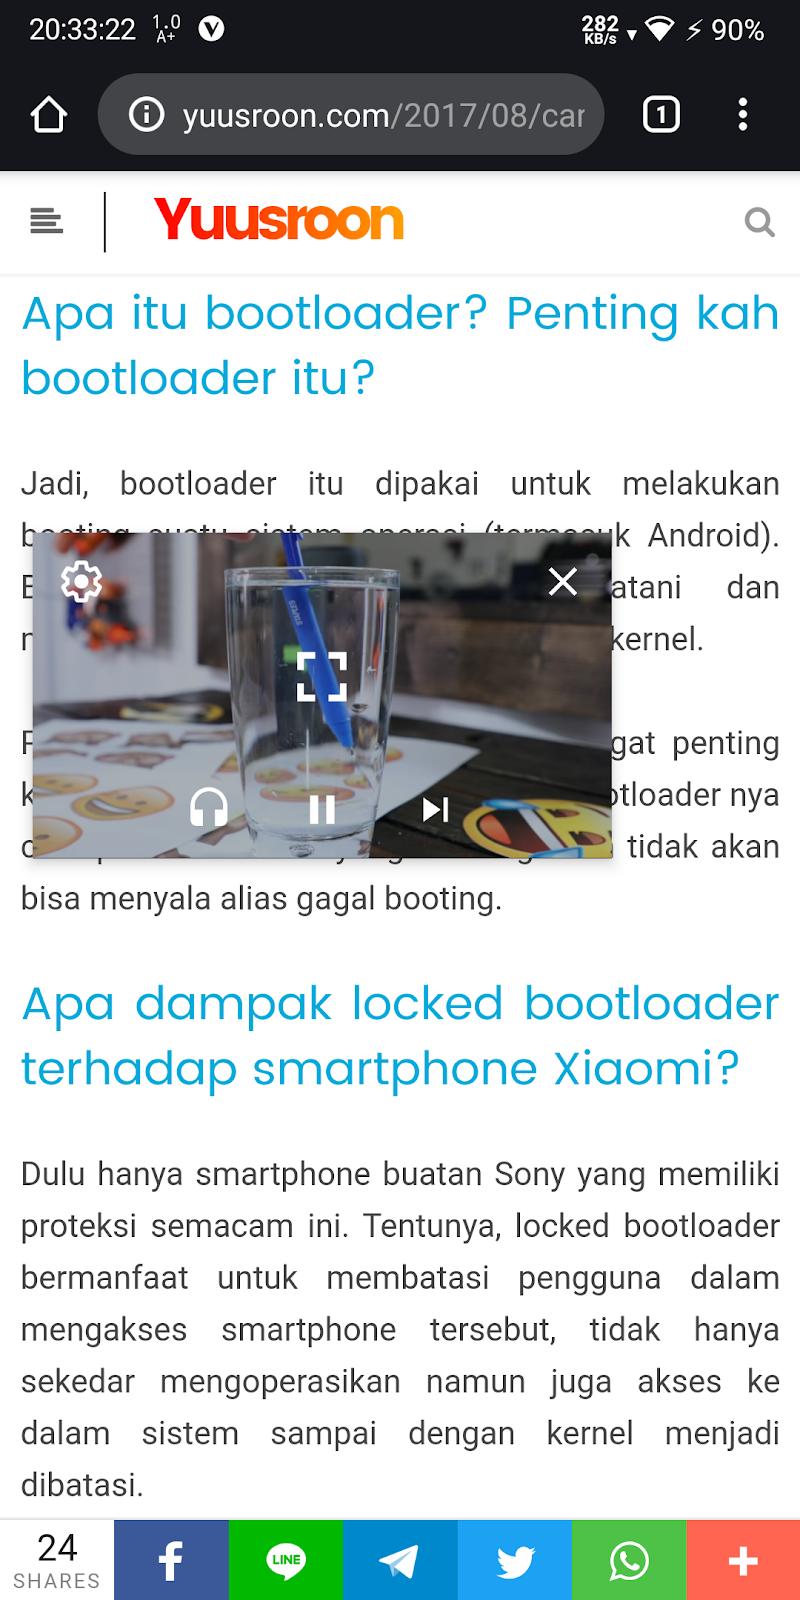 Cara Melihat Youtube Tanpa Iklan Di Android Terbaru Yuusroon